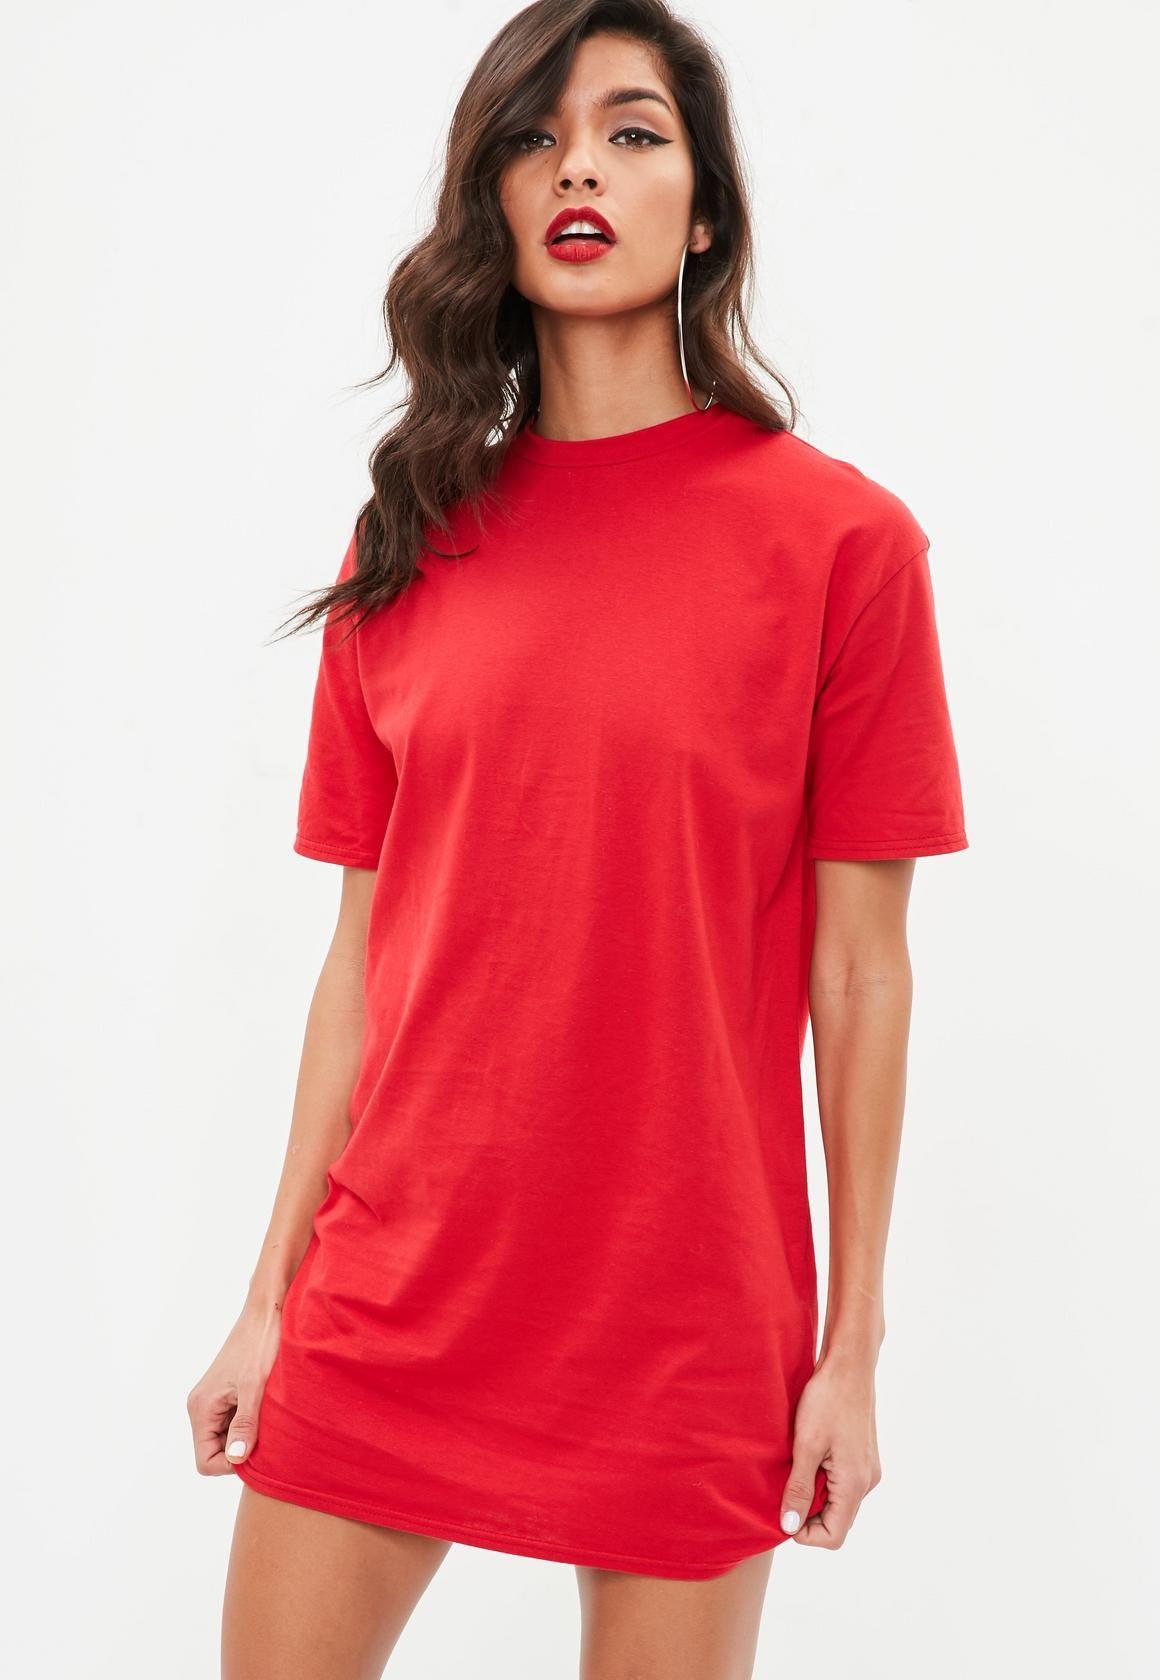 Red short sleeve crew neck t shirt dress summer wants pinterest